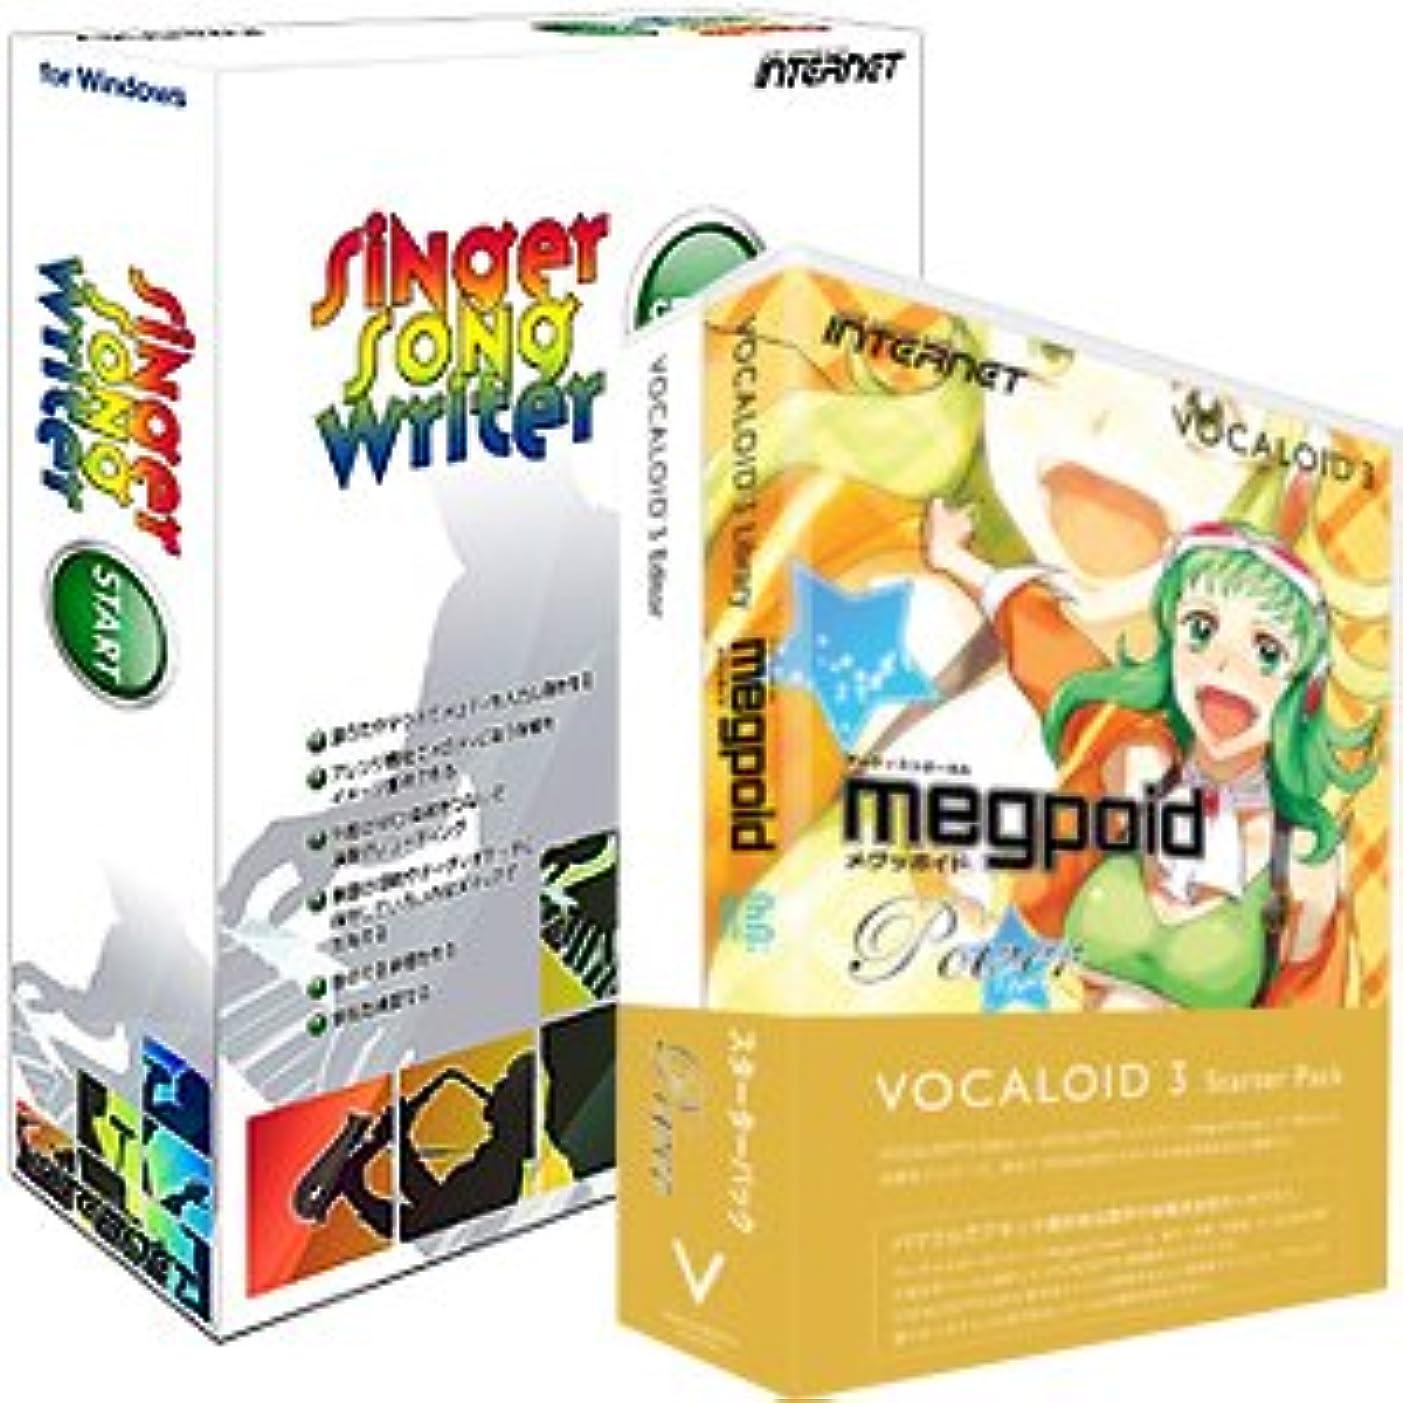 事たるみからかうVOCALOID3 Megpoid Power スターターパック+Singer Song Writer Start